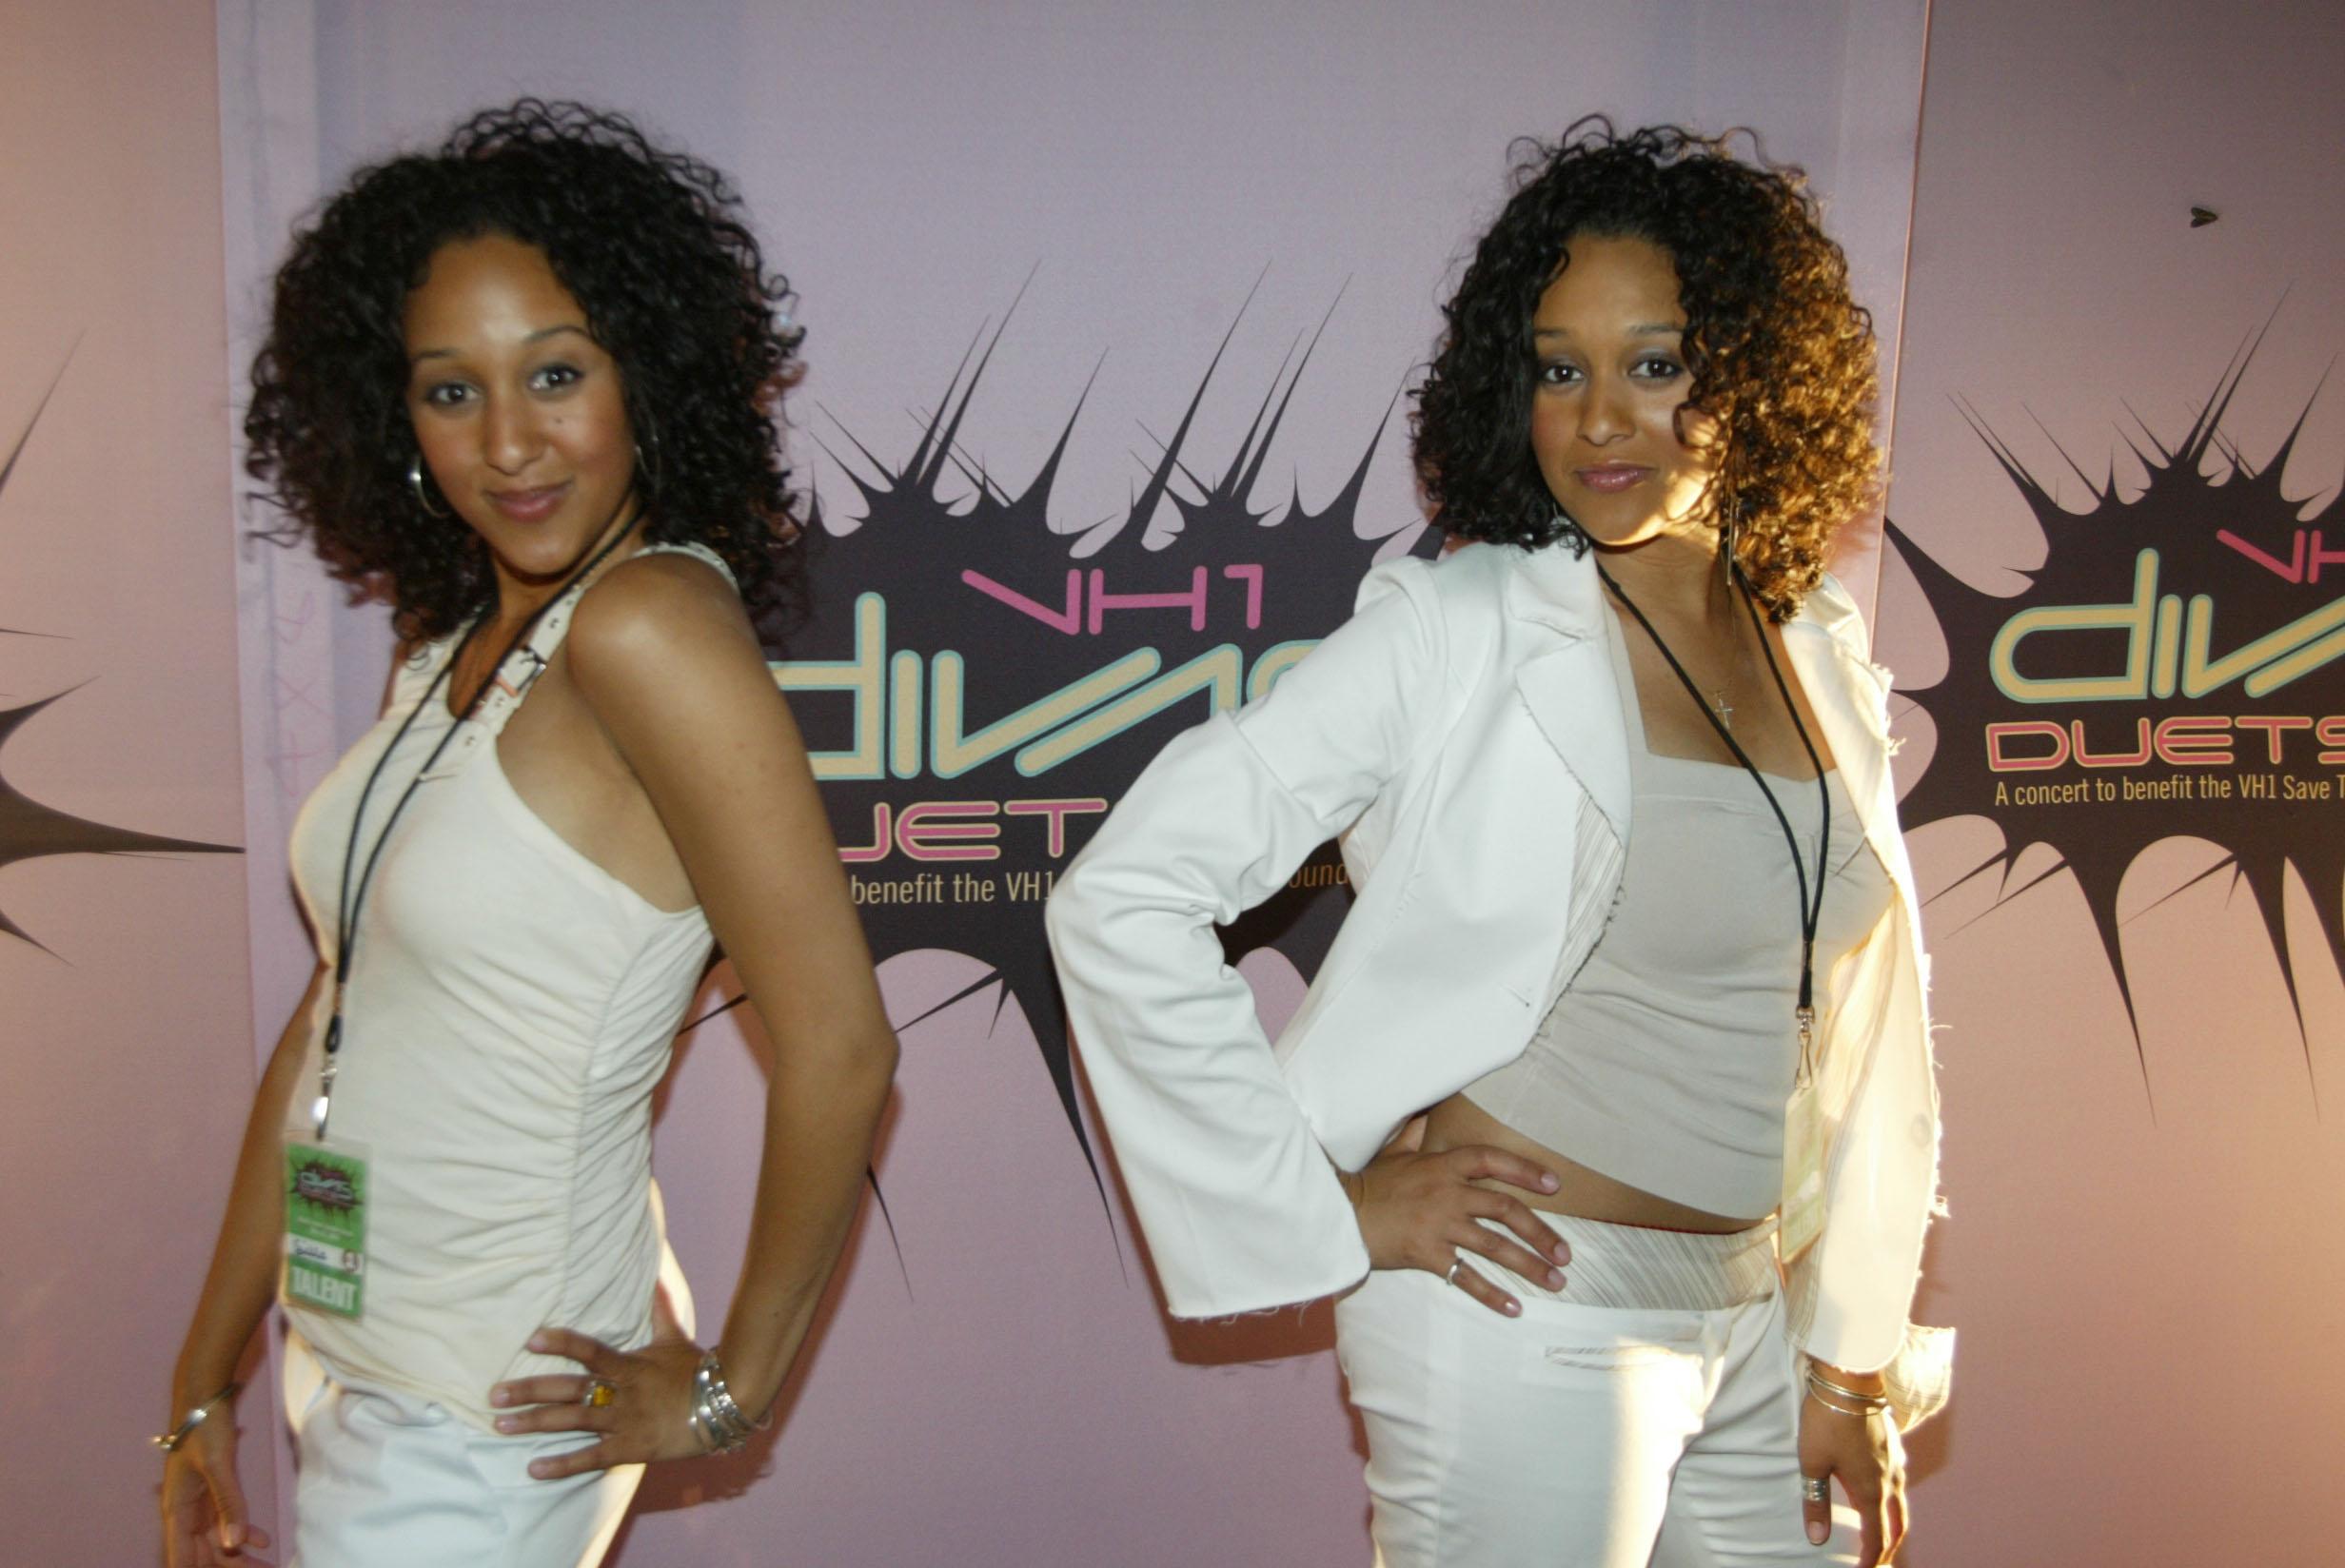 VH1 Divas Duets Post Party